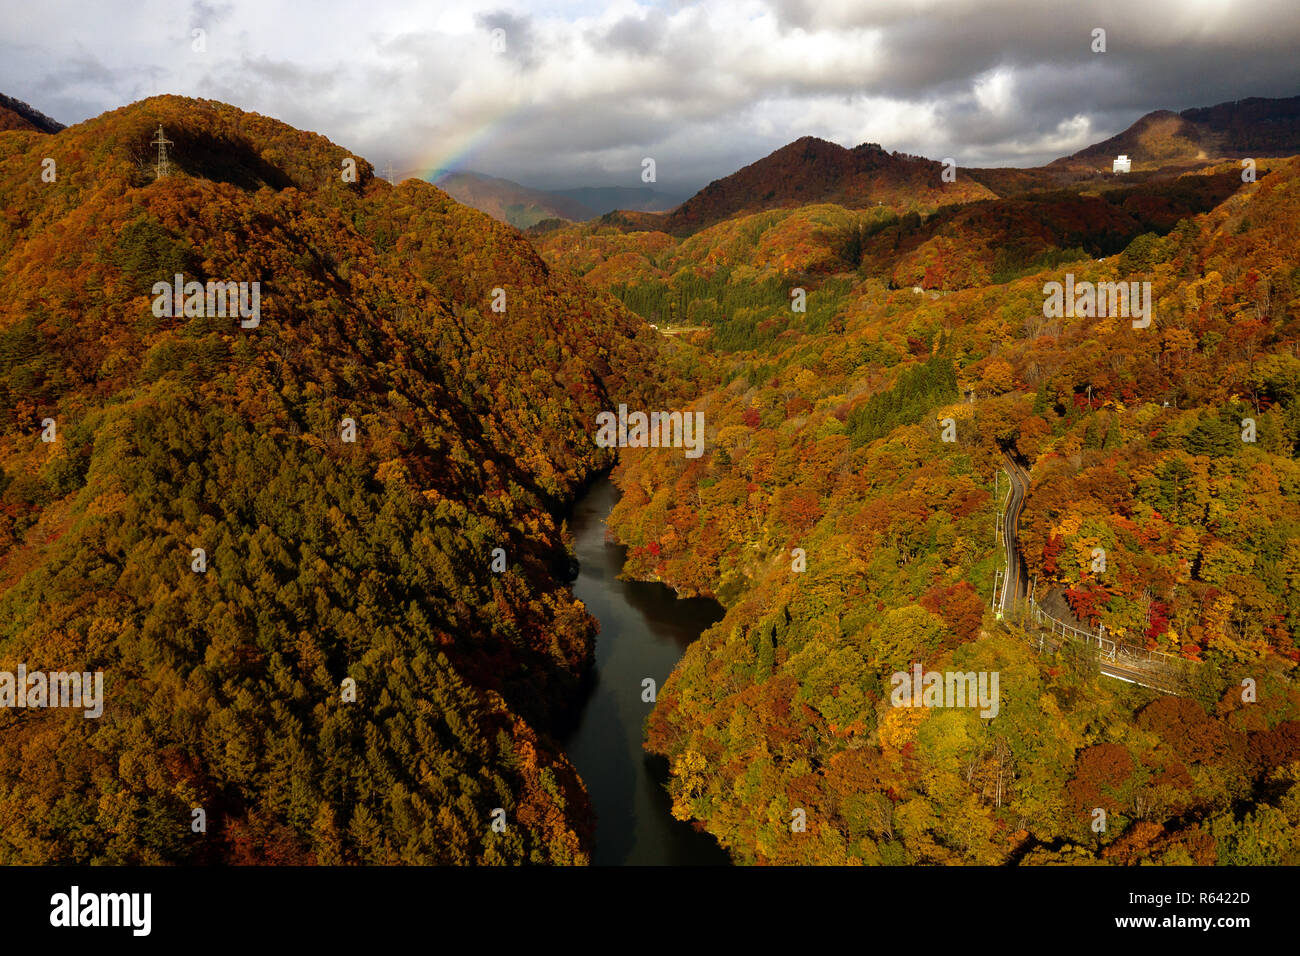 Carretera y un río en otoño del bosque. Paisaje aéreo de temporada de otoño por zumbido. Foto de stock